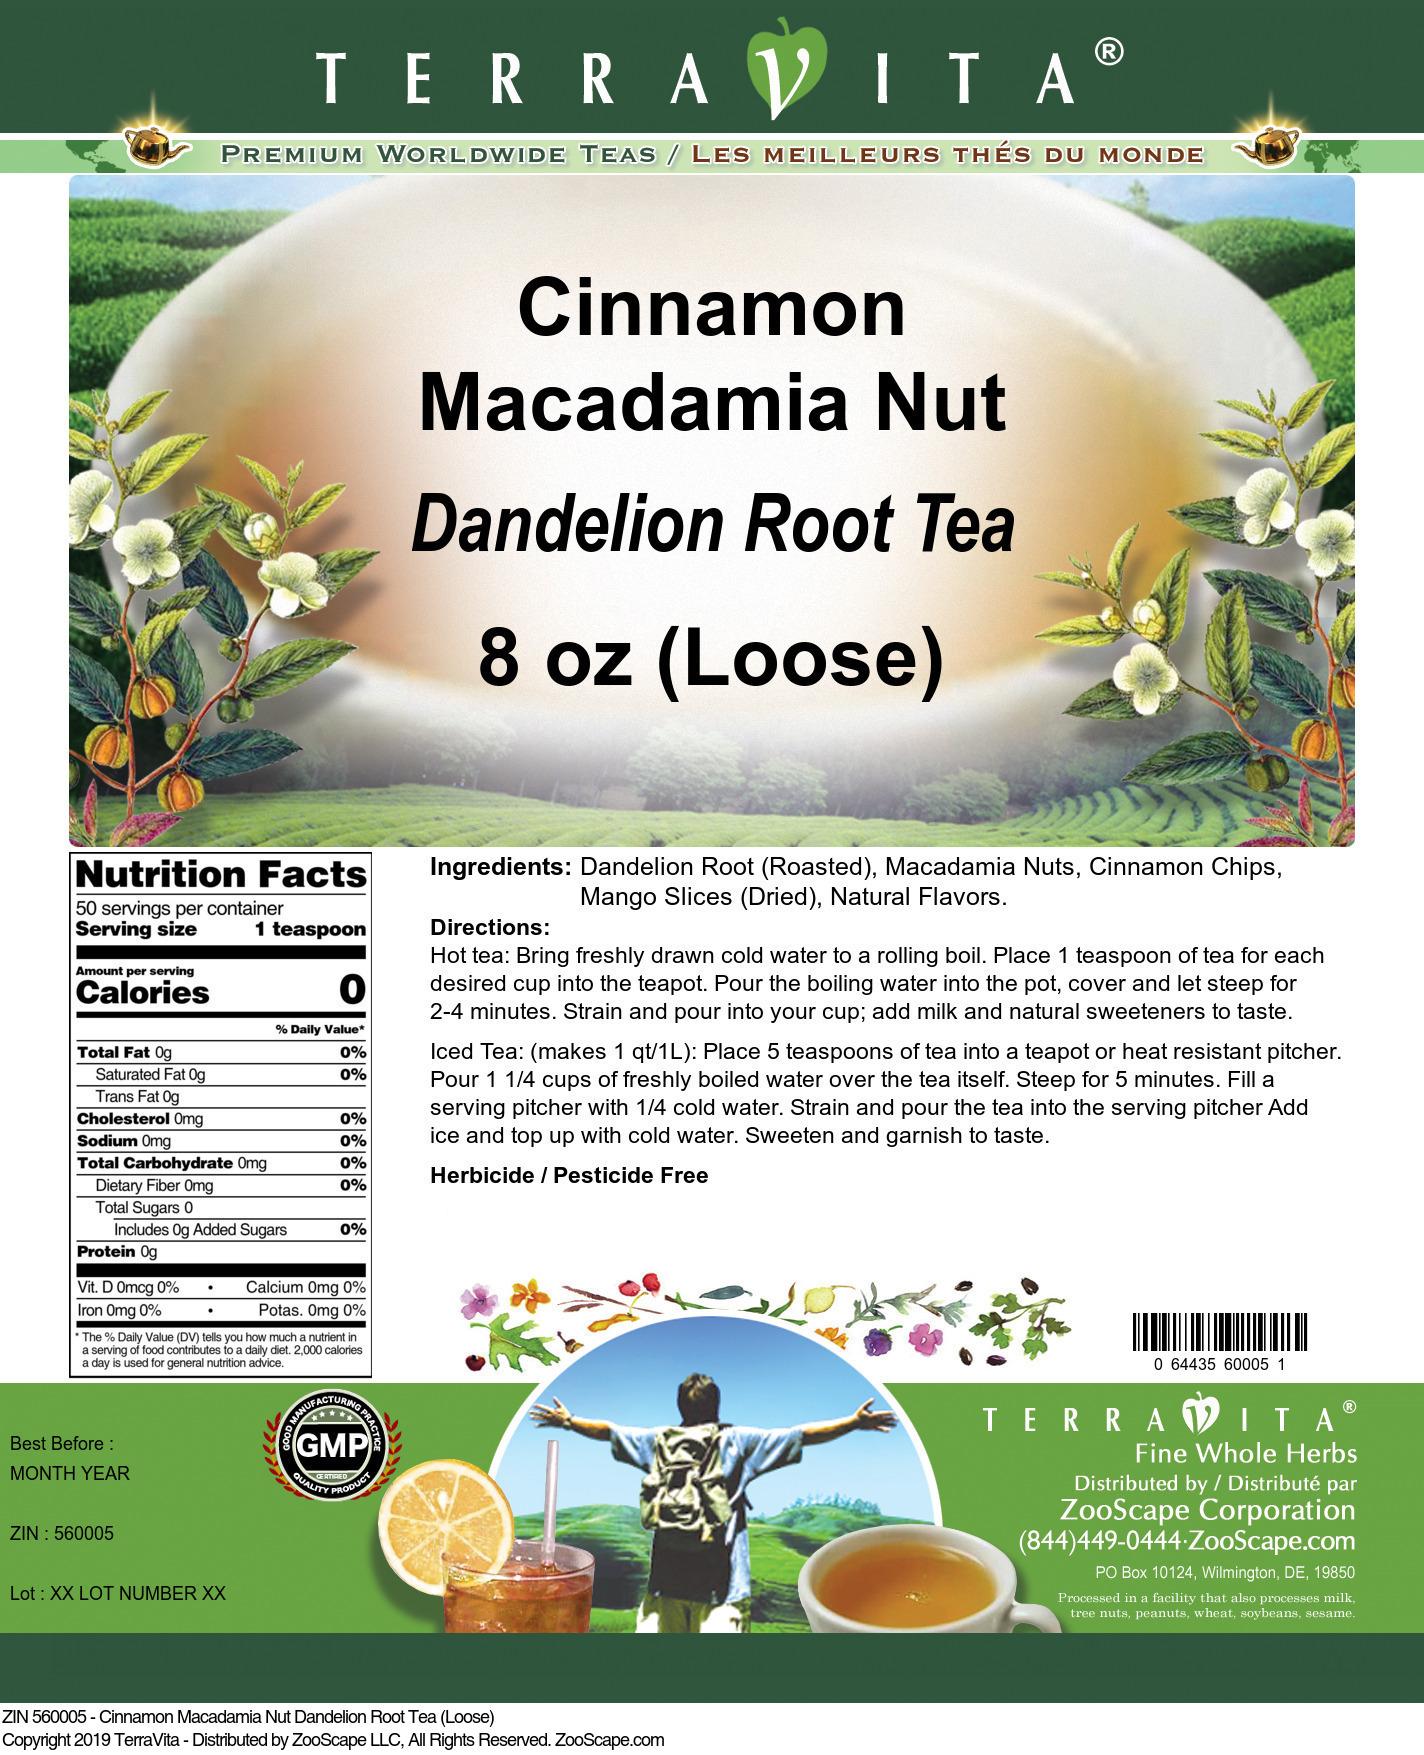 Cinnamon Macadamia Nut Dandelion Root Tea (Loose)